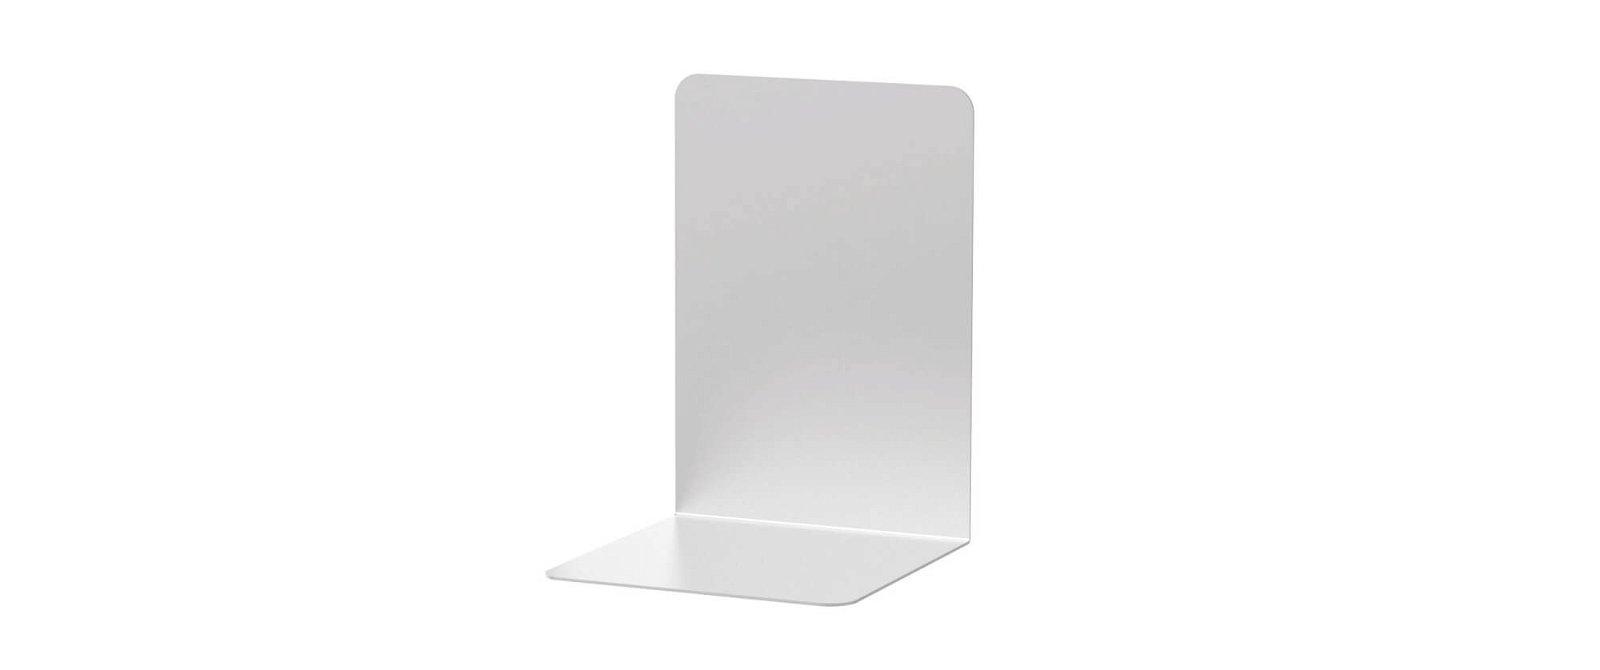 Buchstützen aus Aluminium, 12 x 12 x 17,5 cm, aluminium